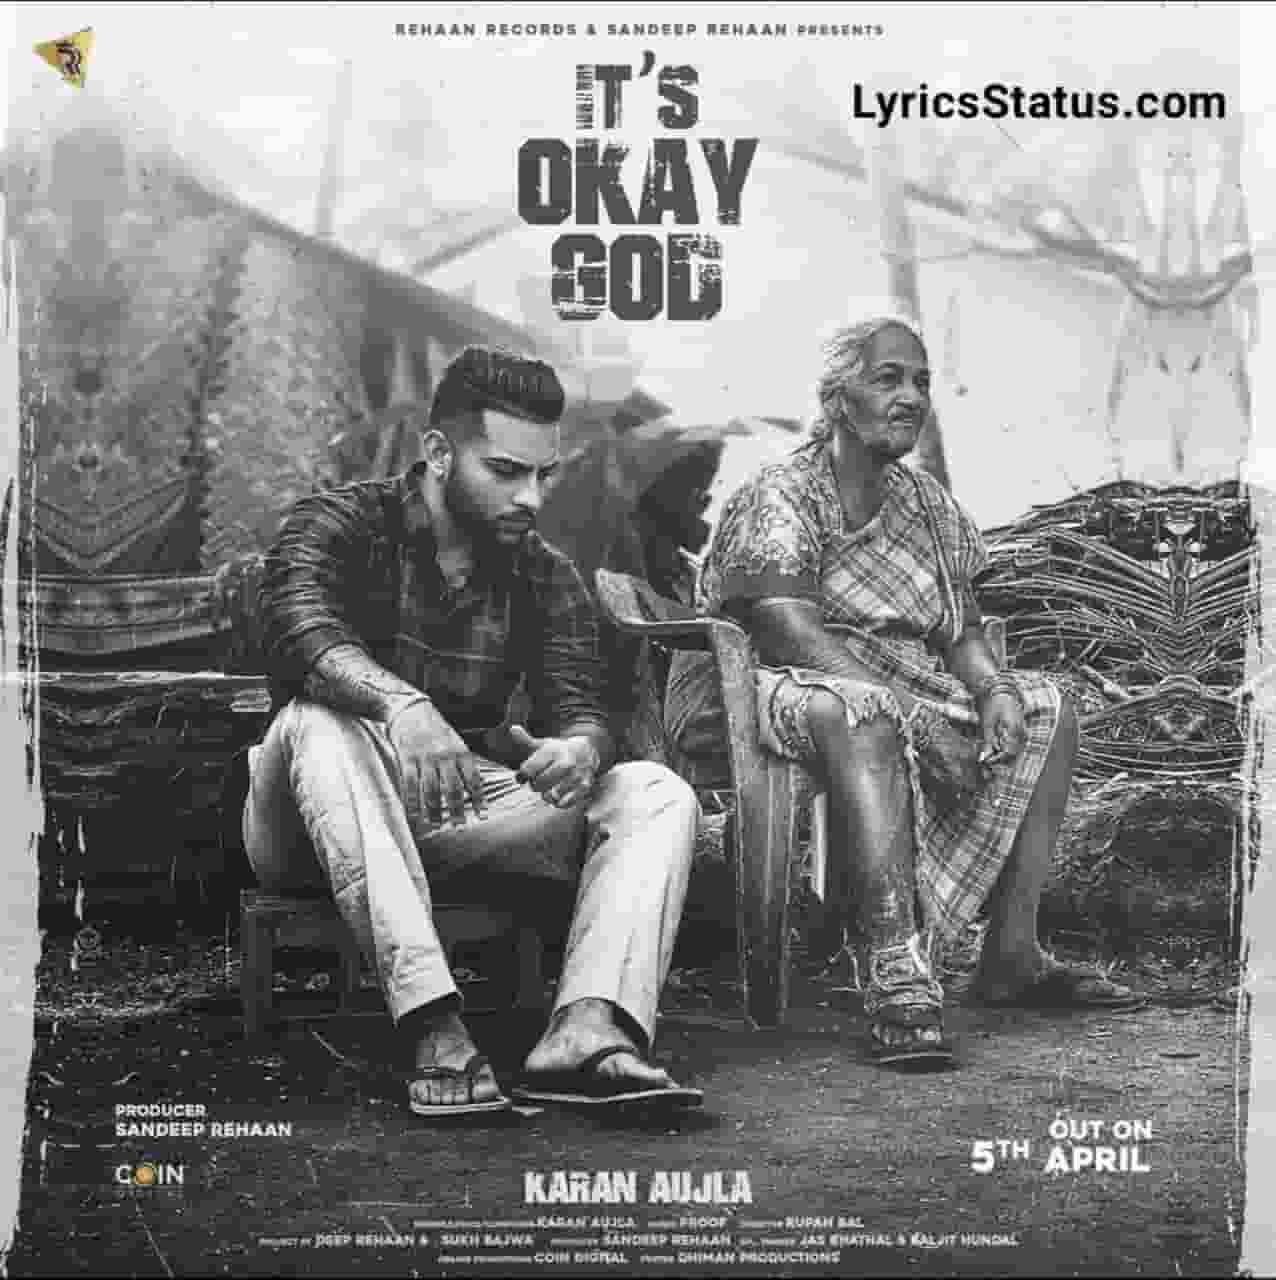 Karan Aujla Its Okey God Lyrics Status Download Punjabi Song